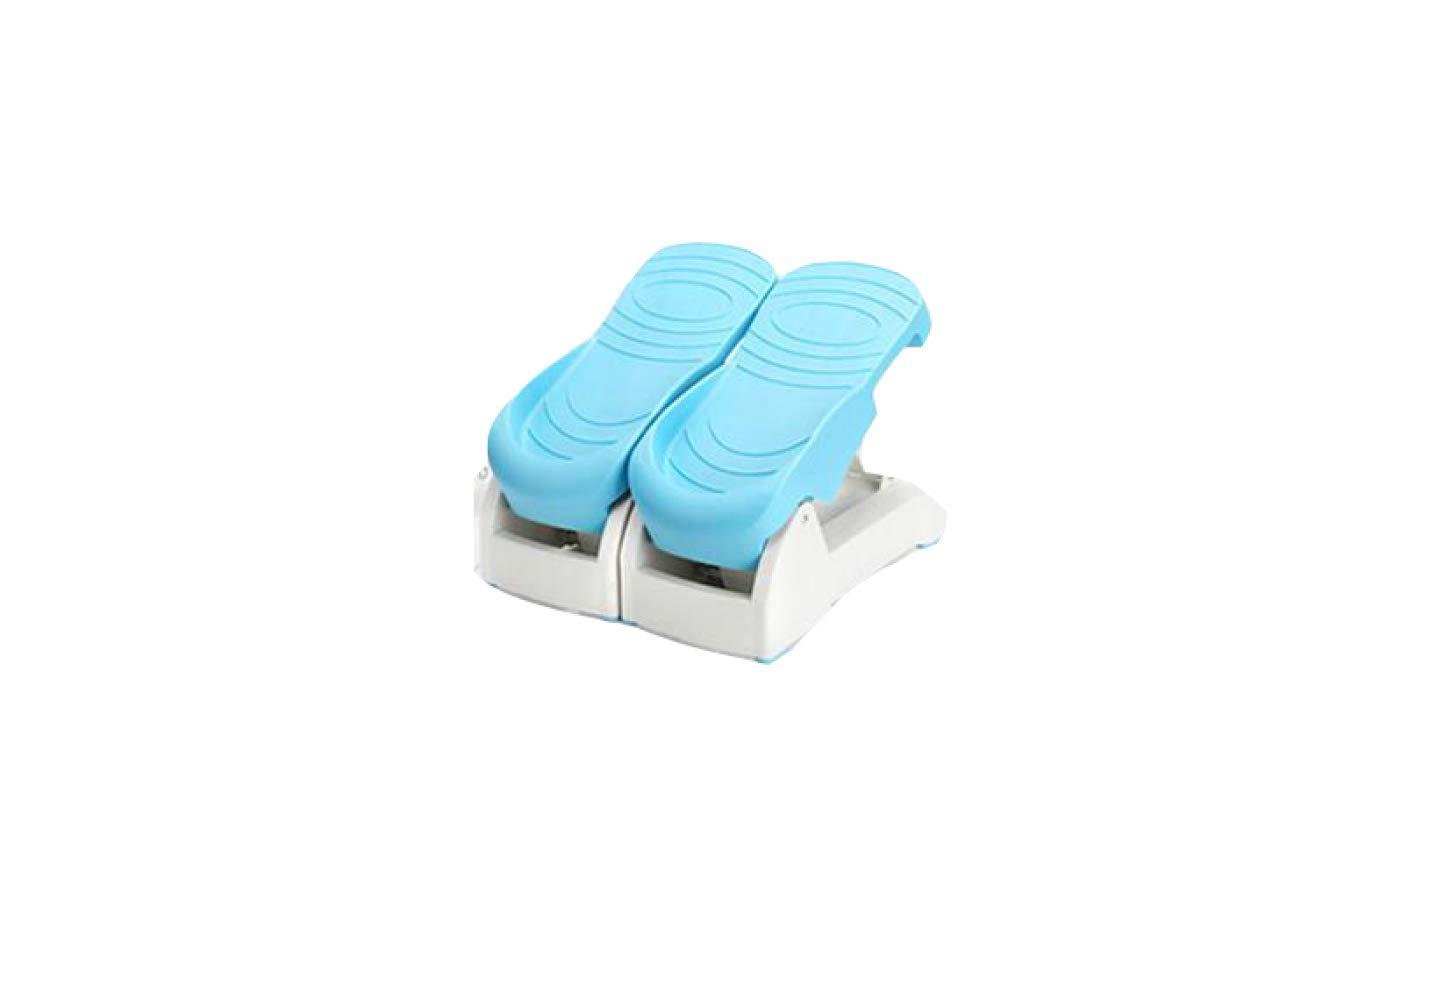 MLL Stepper Sitzart Stepper Schnürung Sitzart Stepper Fitnessgerät Schnürung Stepper